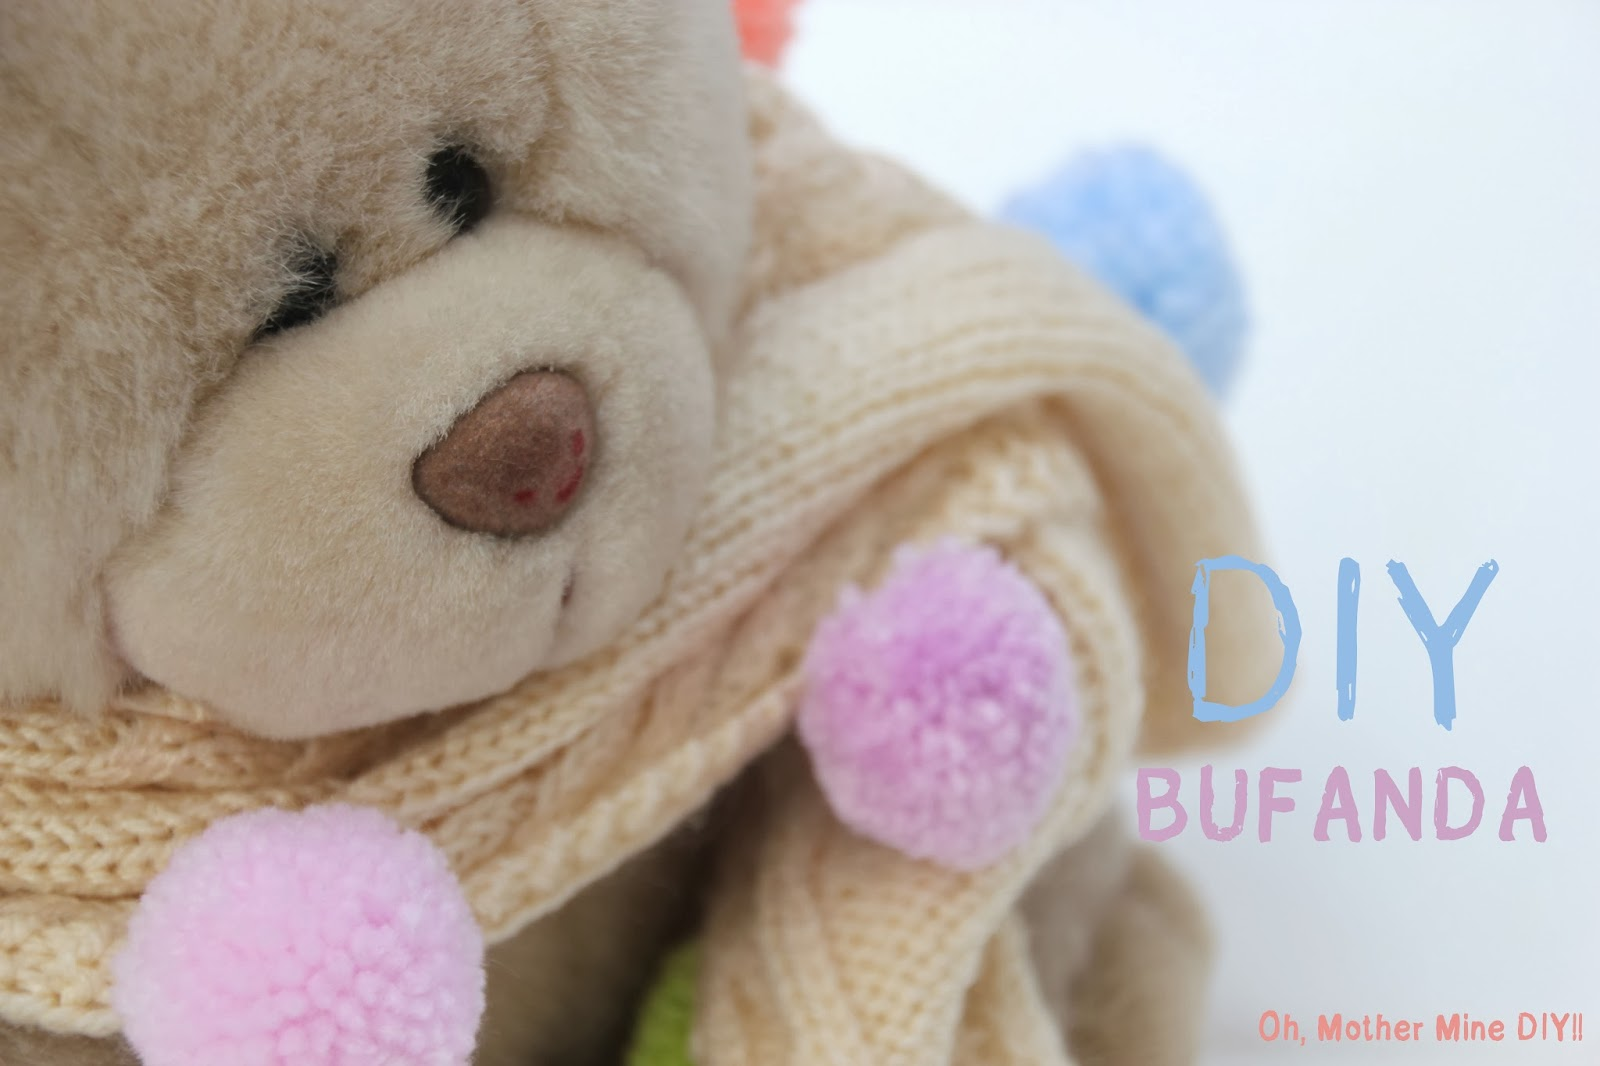 DIY Como hacer una bufanda para niños de 2 o 3 años - Handbox Craft ...